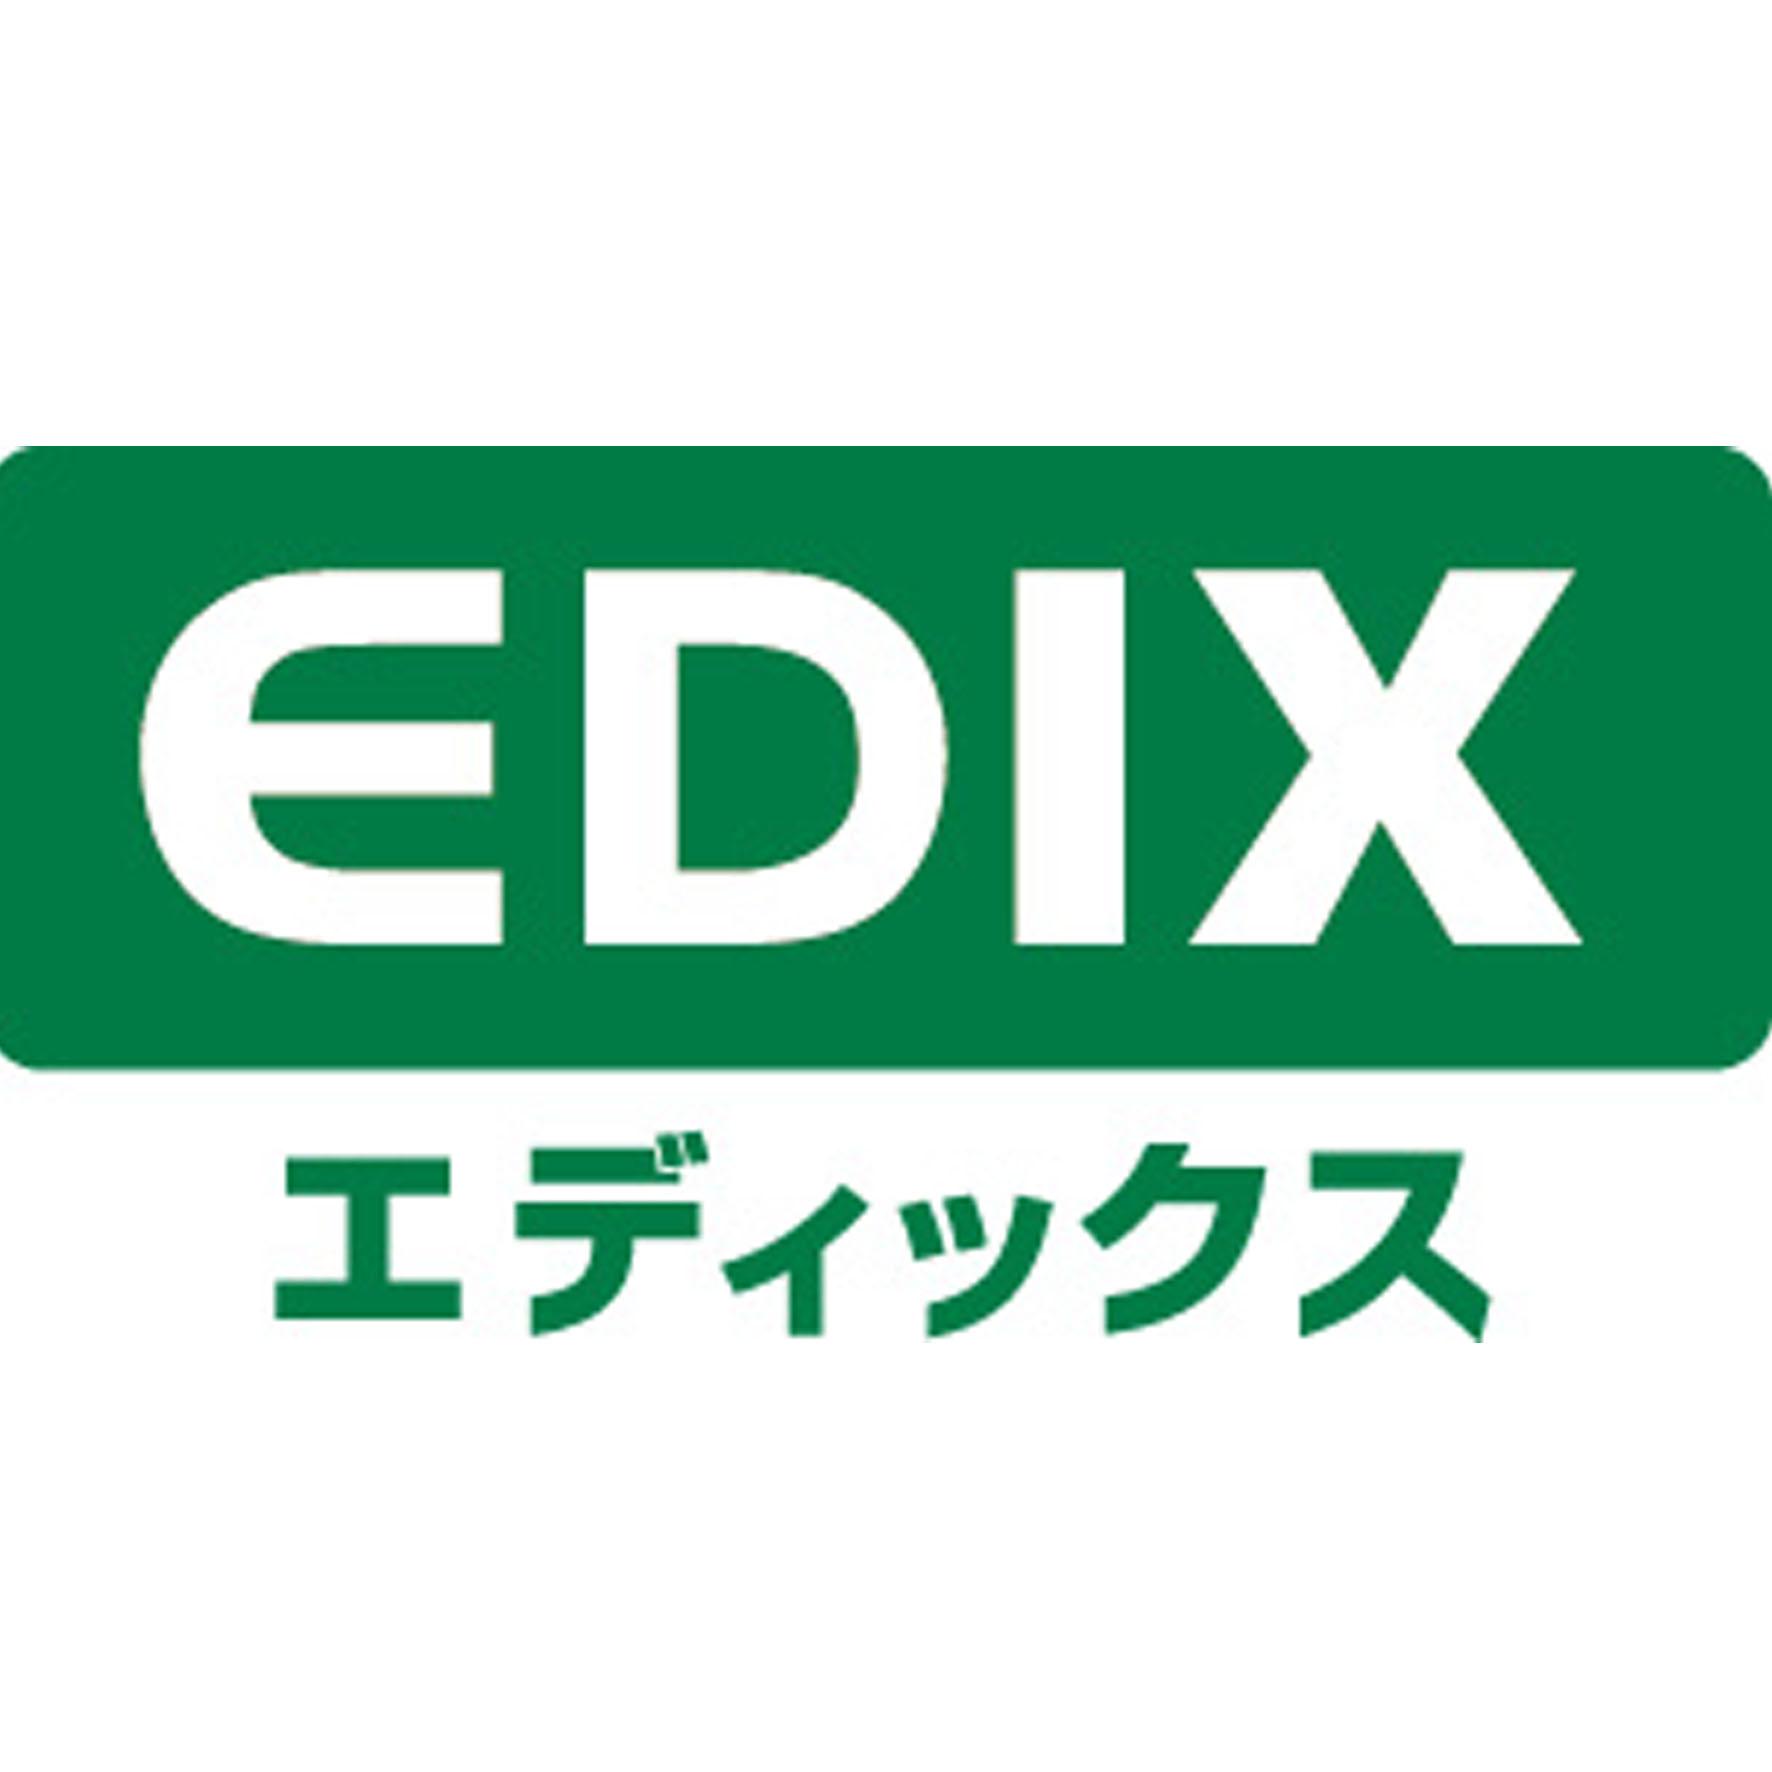 EDIX18ロゴ